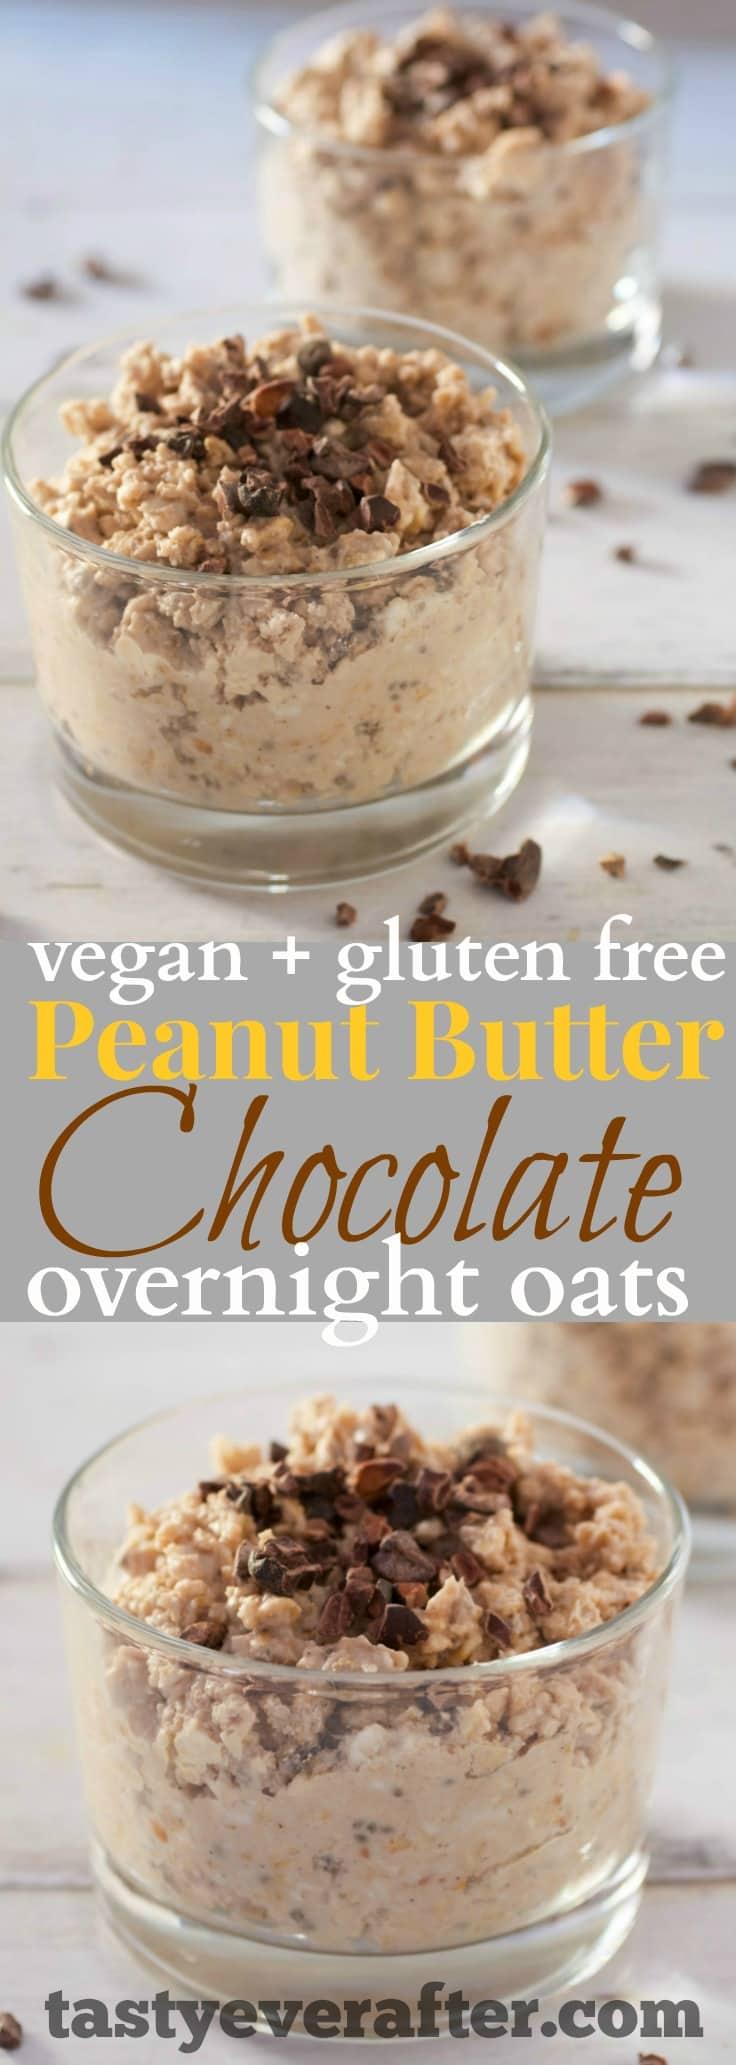 Peanut Butter Chocolate Overnight Oats Recipe